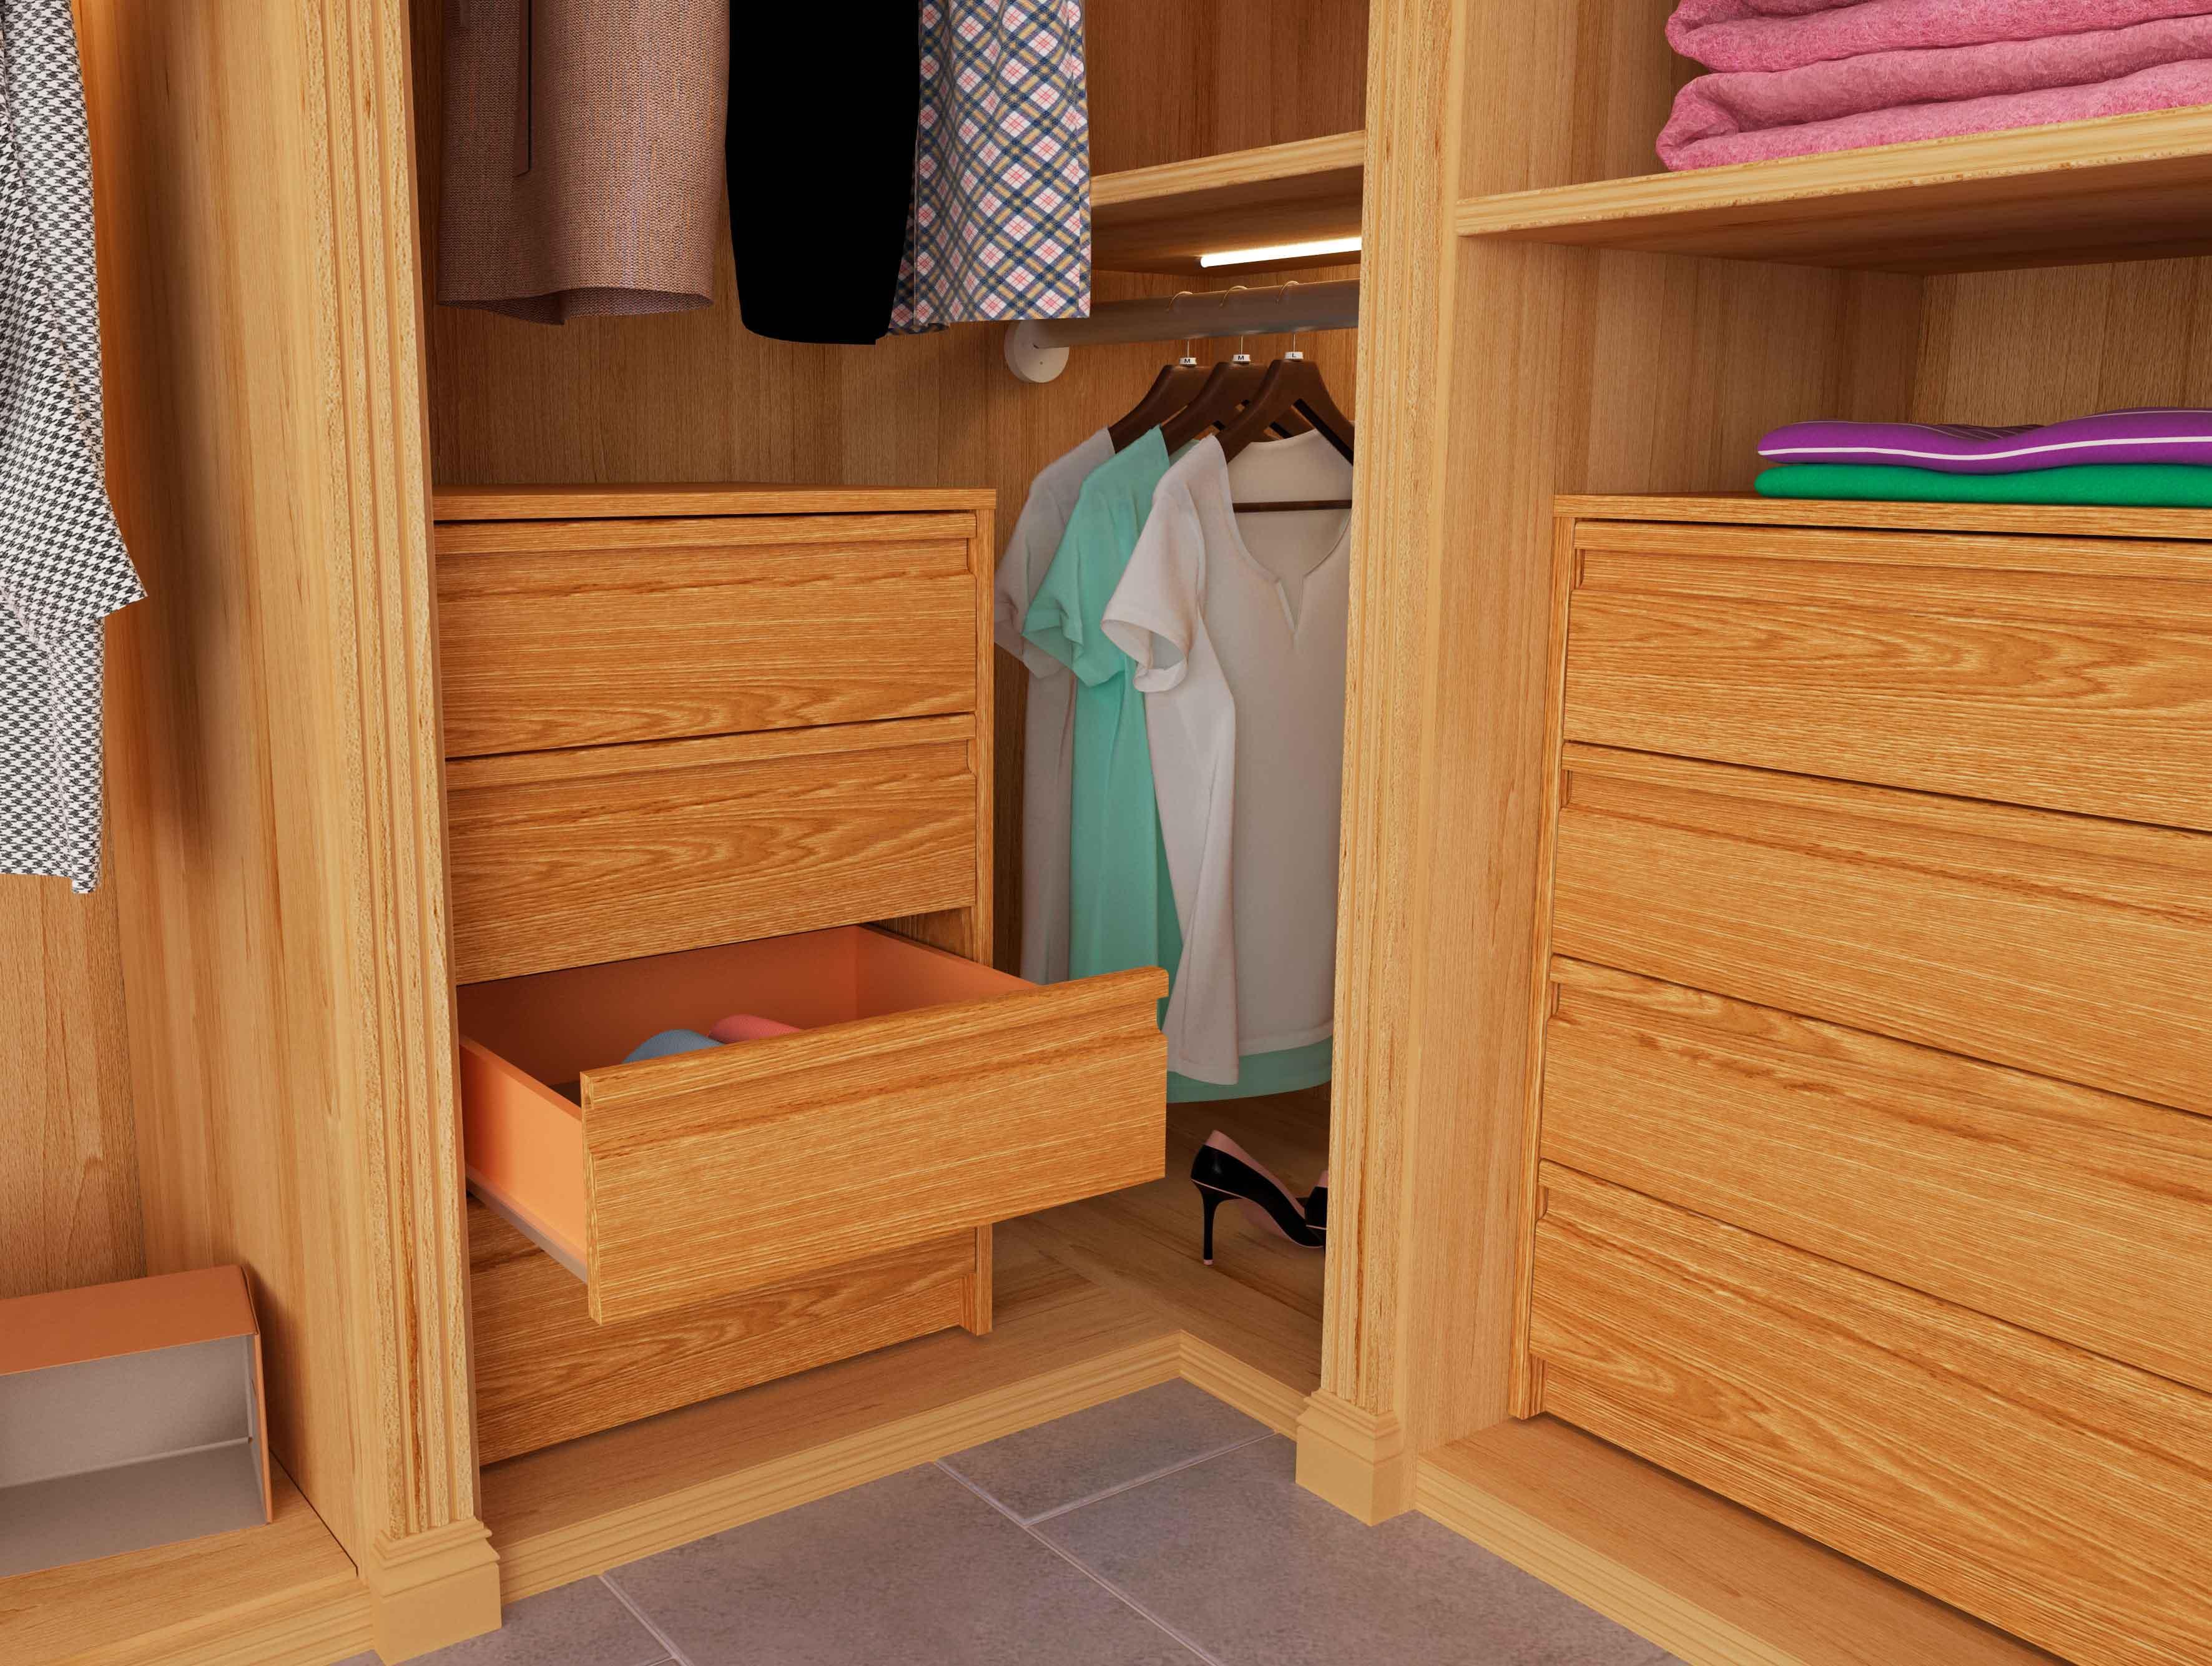 Samblo kai cajonera de melamina con 4 cajones roble 45 x 50 x 73 cm hogar - Cajonera interior armario ...